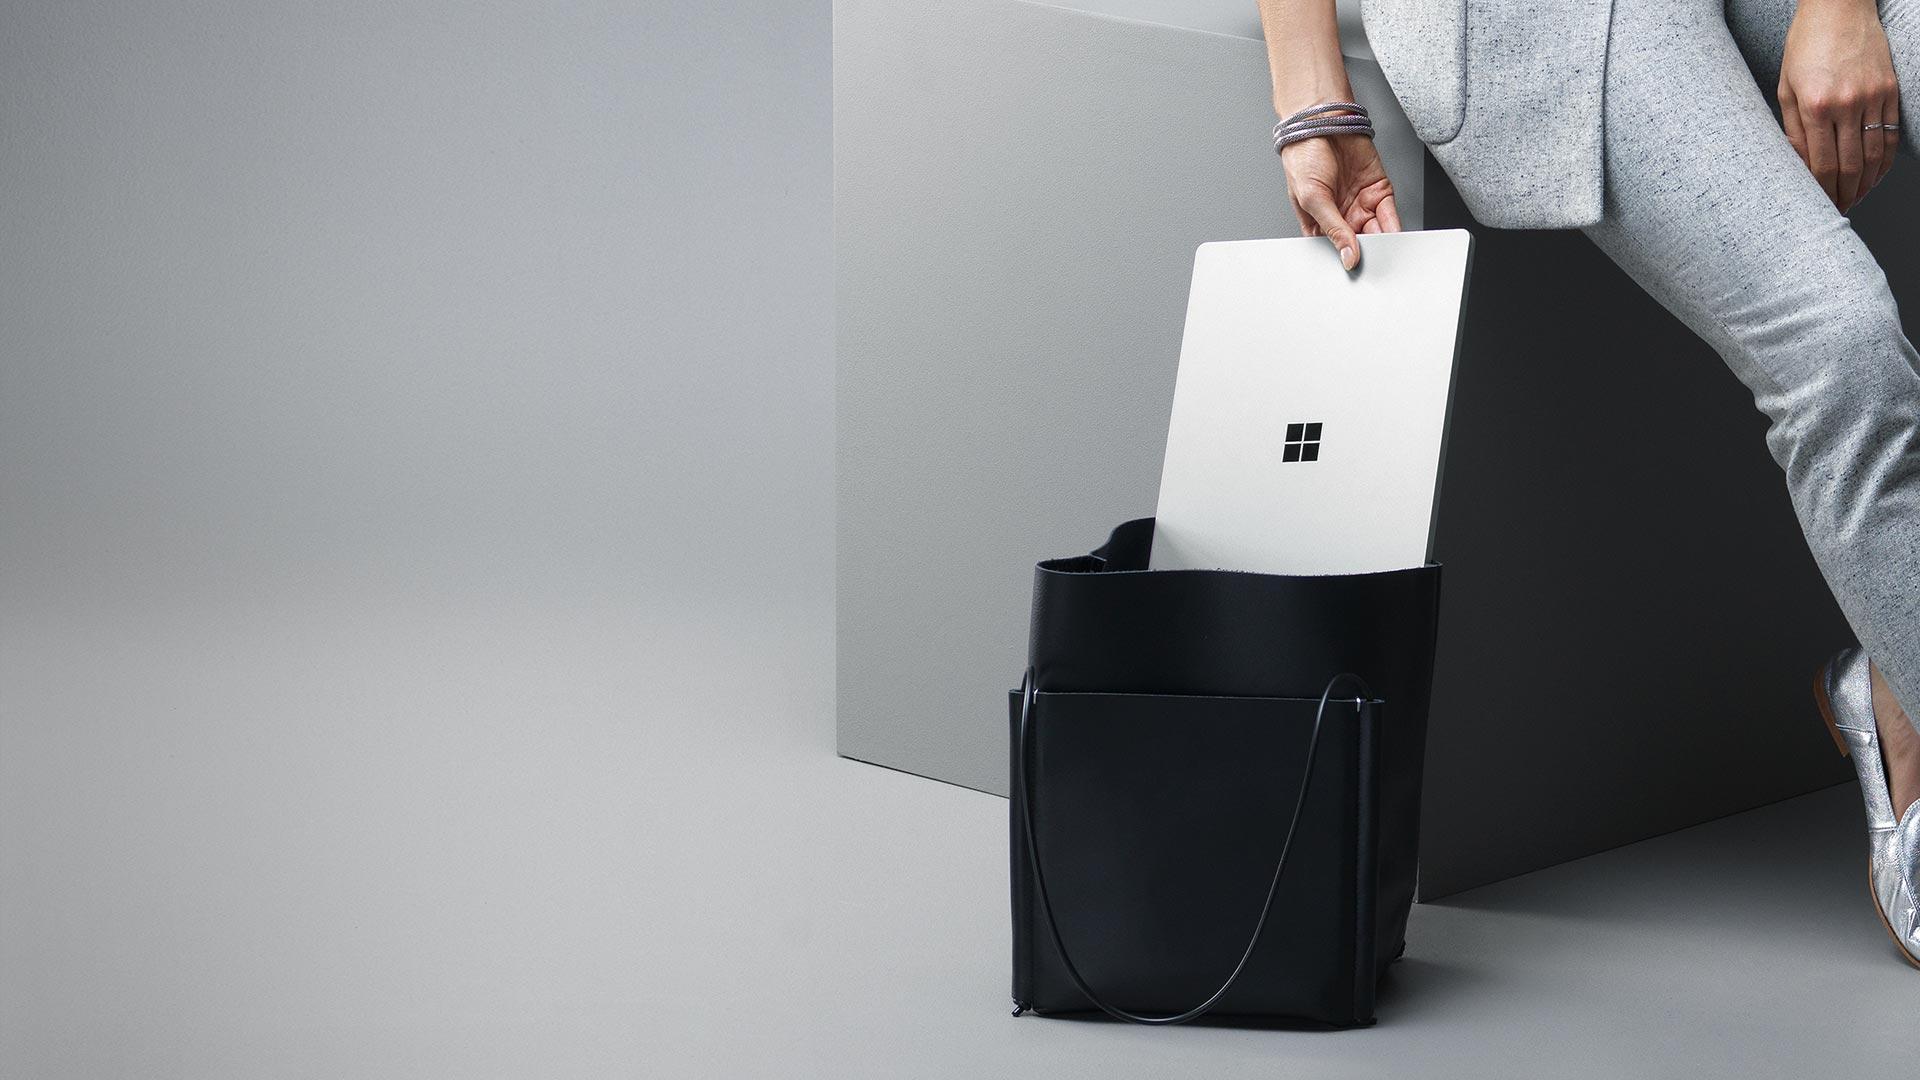 Nainen asettamassa platinanväristä Surface Laptopia laukkuunsa.